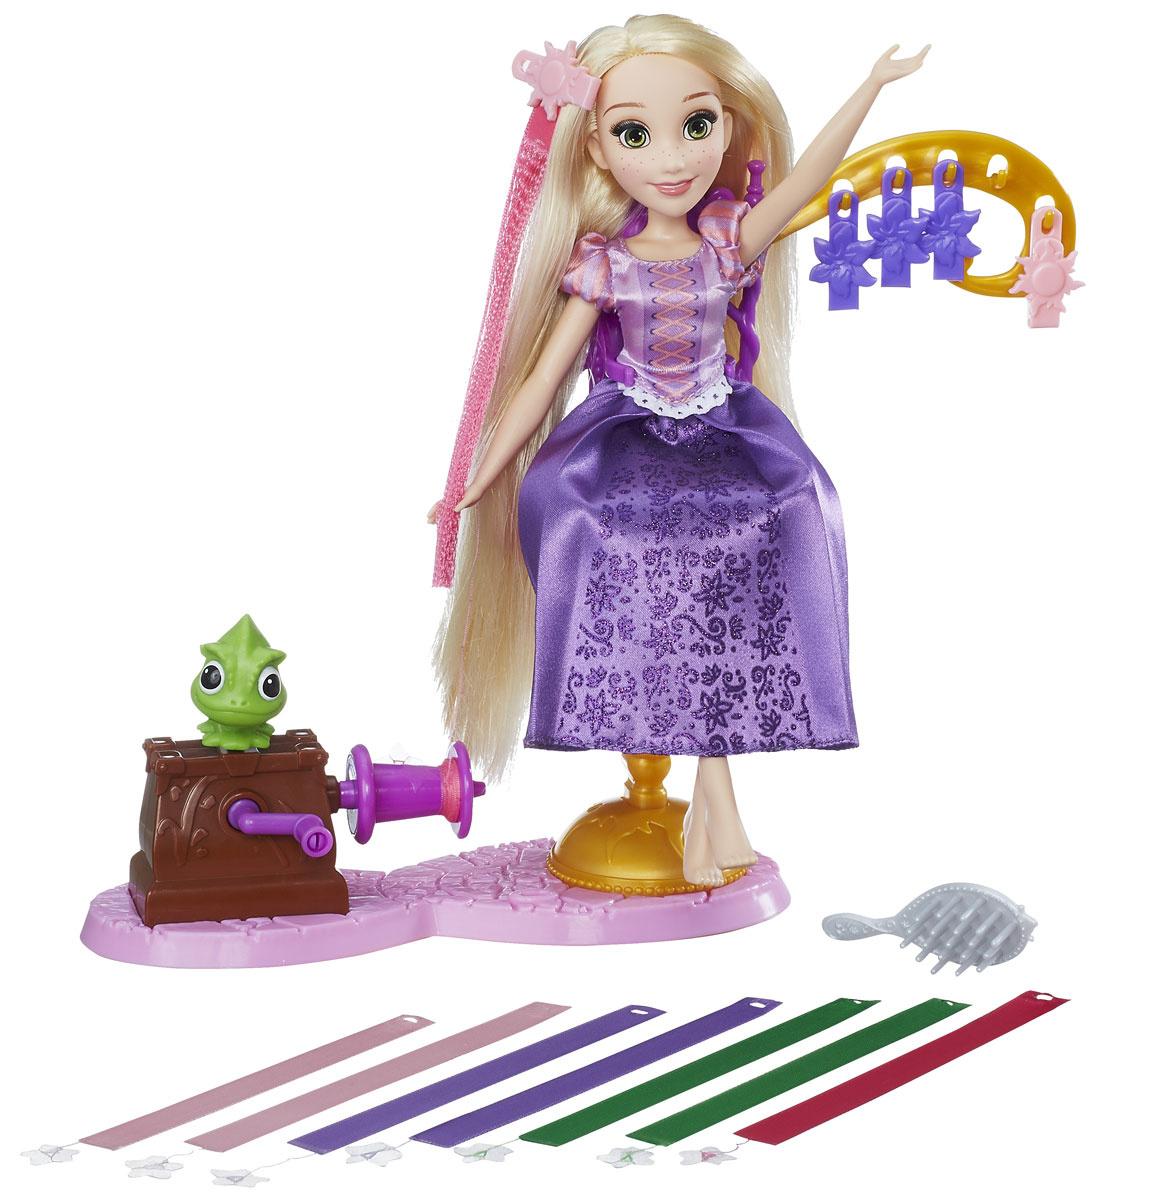 Disney Princess Игровой набор с куклой Королевский салон Рапунцель  #1